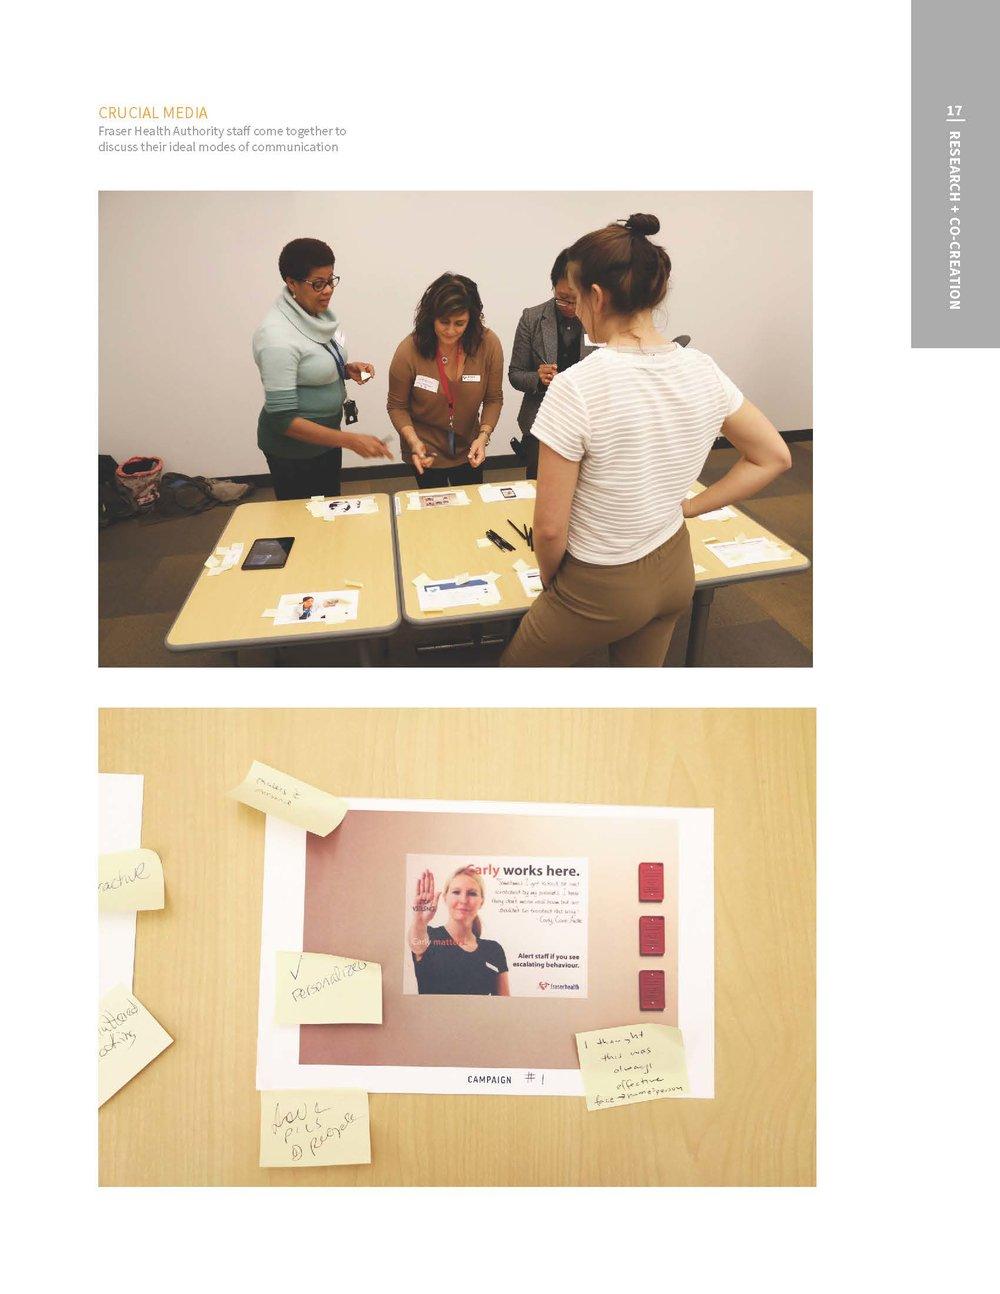 Copy of HDL_Fraser_Health_V4_Page_17.jpg